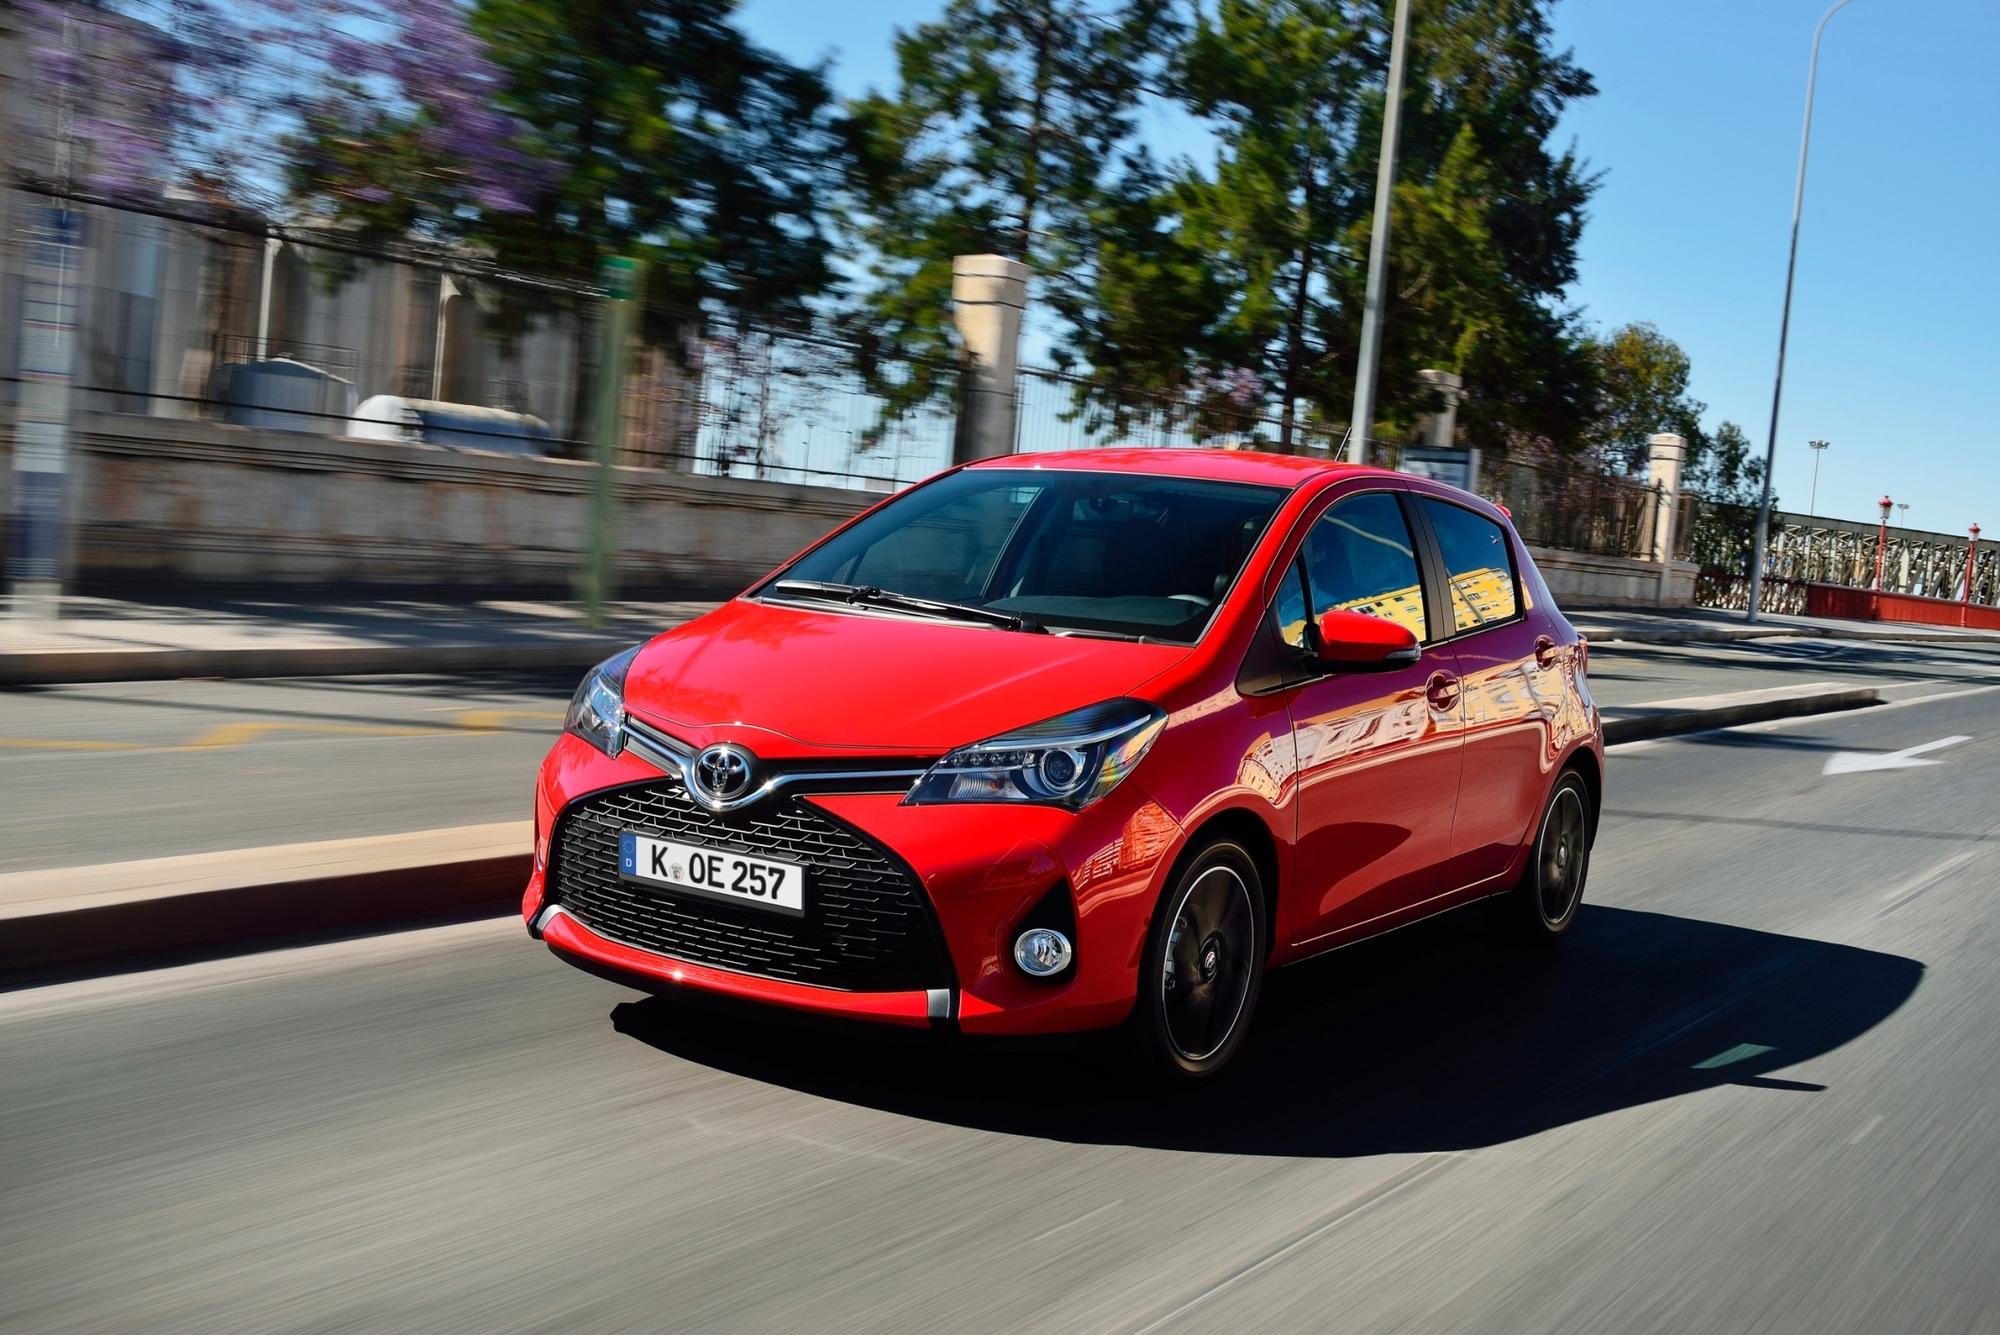 Fahrbericht: Toyota Yaris - Für Herz und Verstand